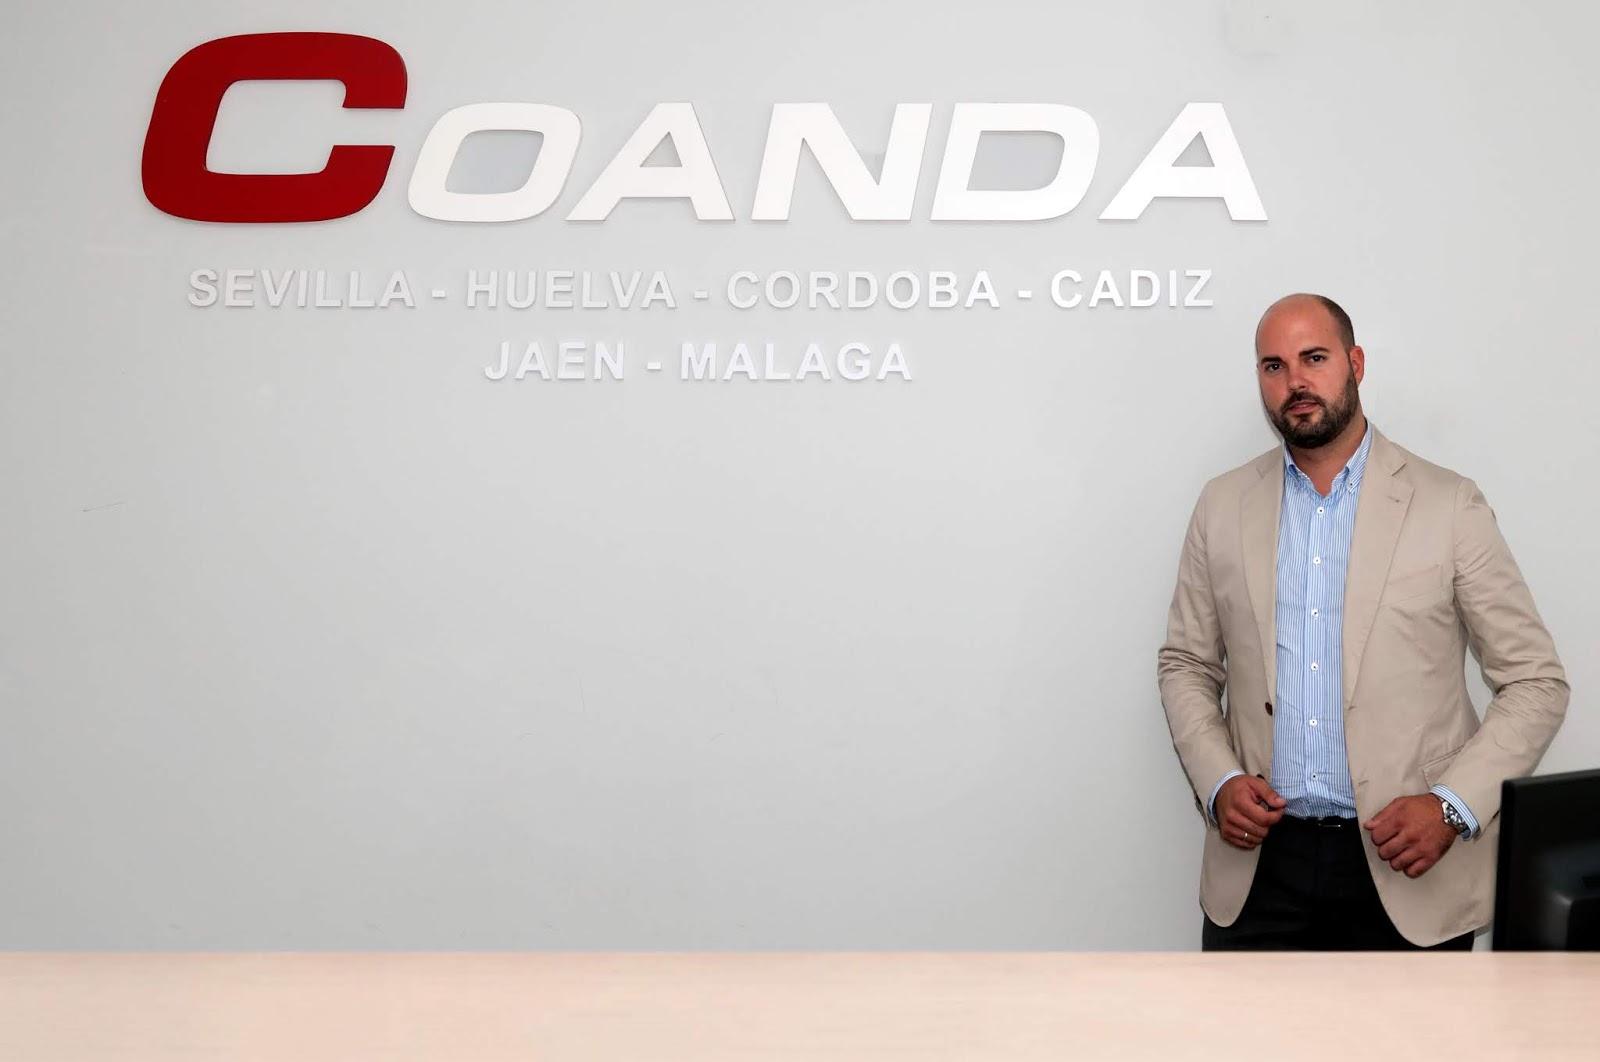 El Chico de las fotocopias: Coanda recibe el premio Andalucía Excelente 2019 a la empresa líder en 'Servicios a empresas'